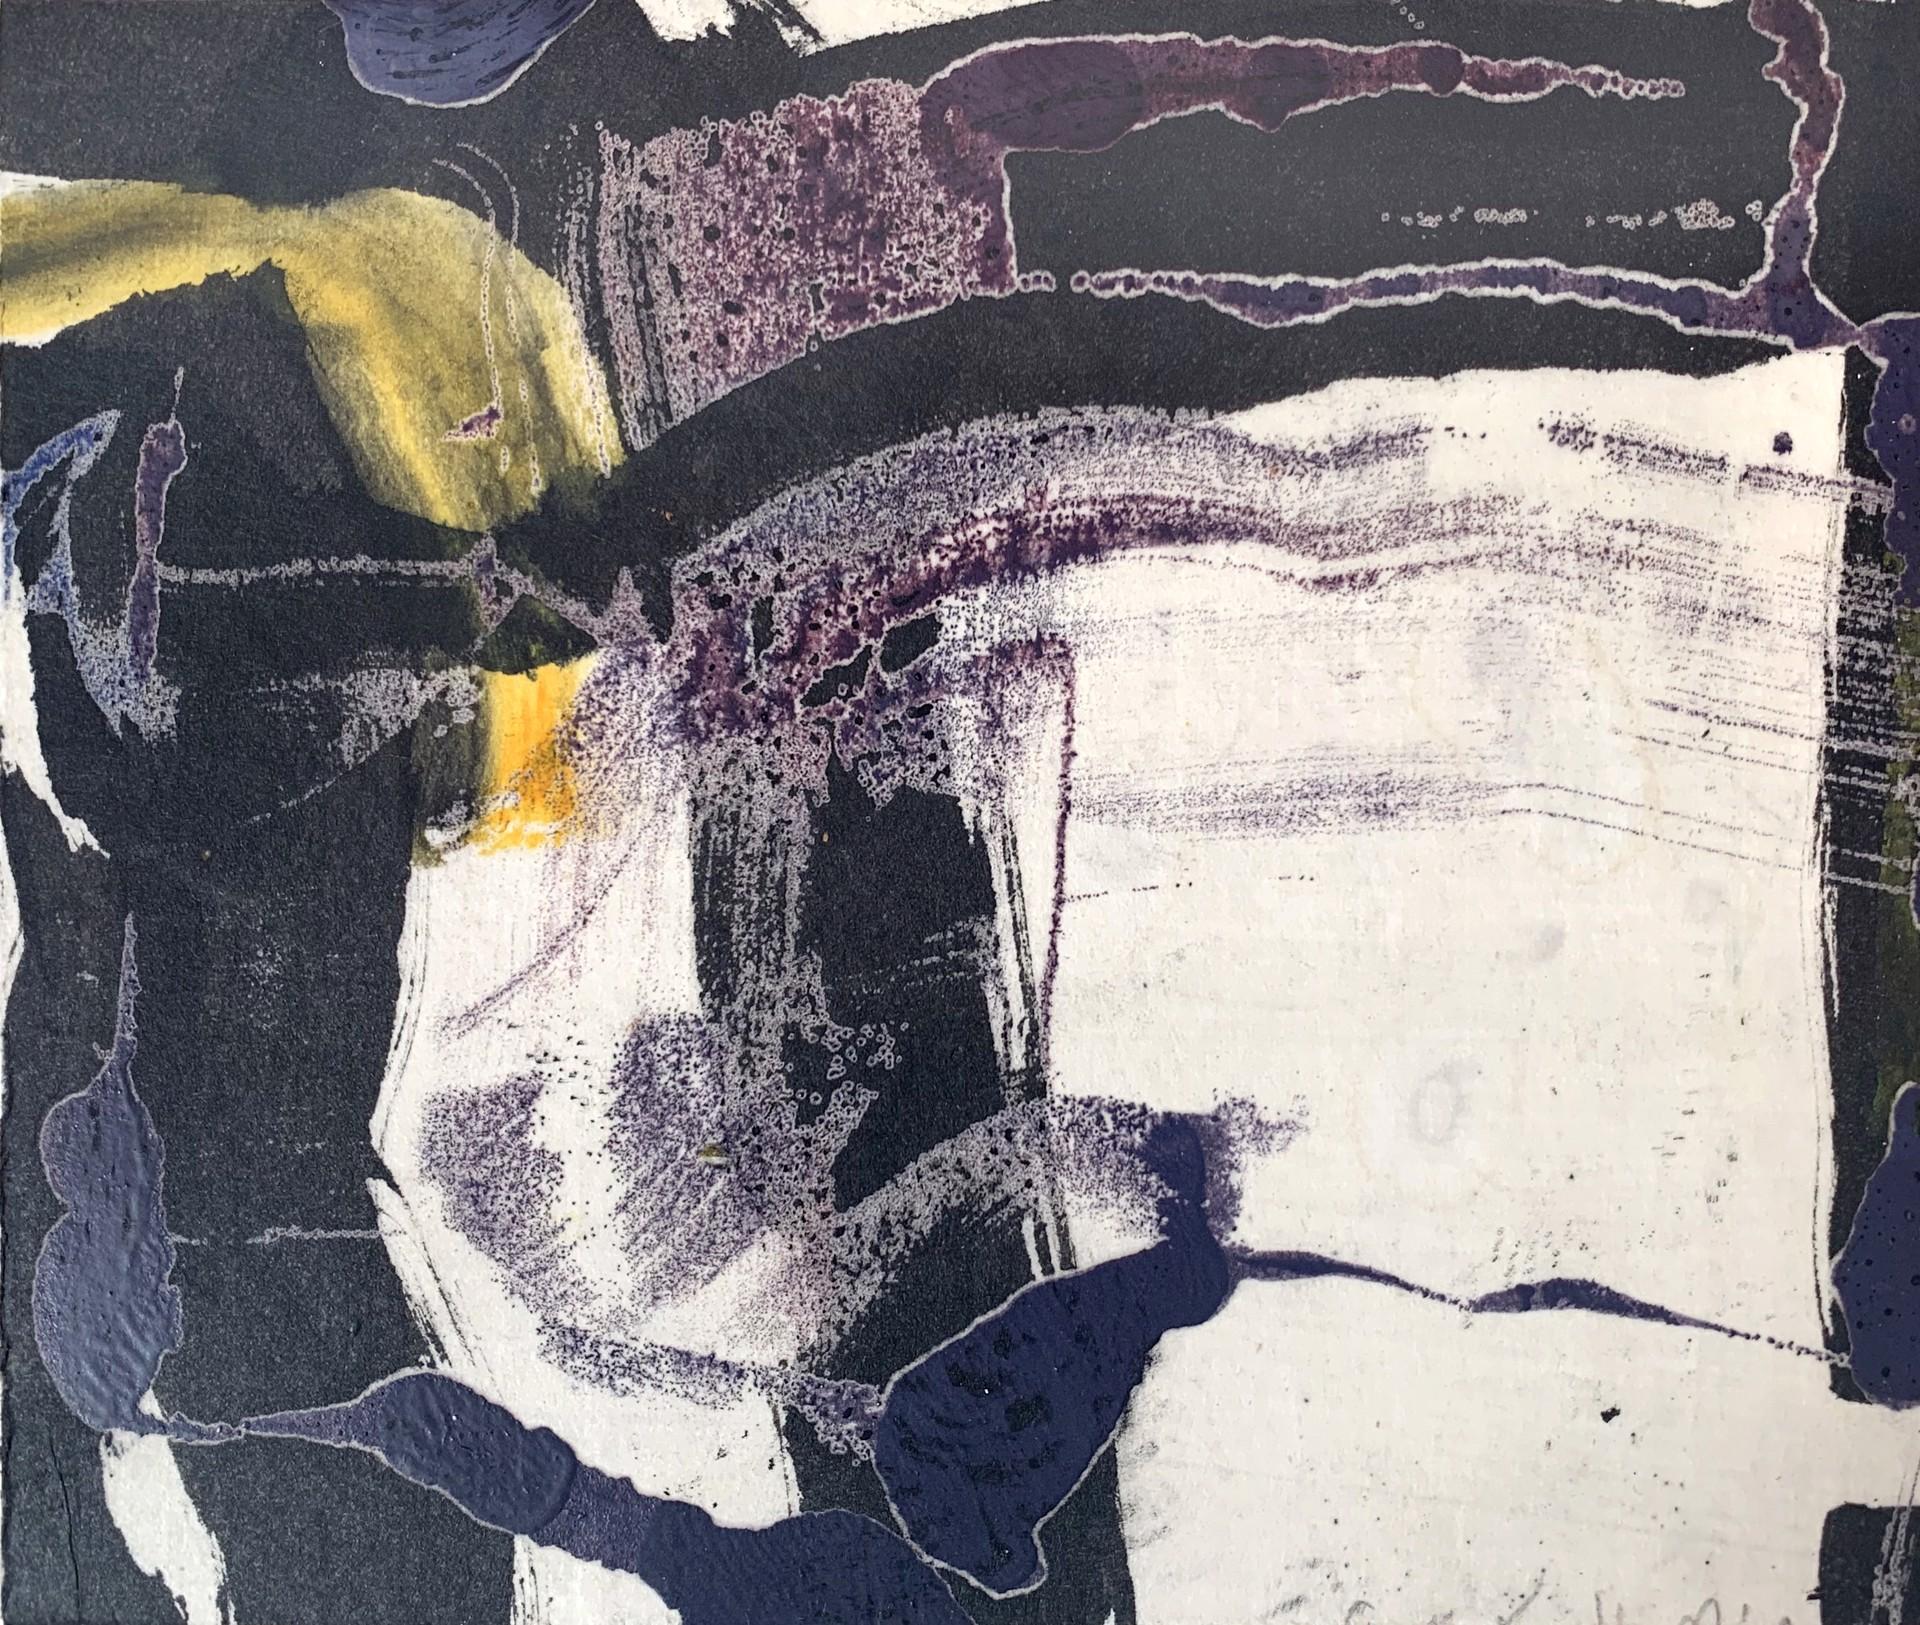 Drift by Caryn Friedlander